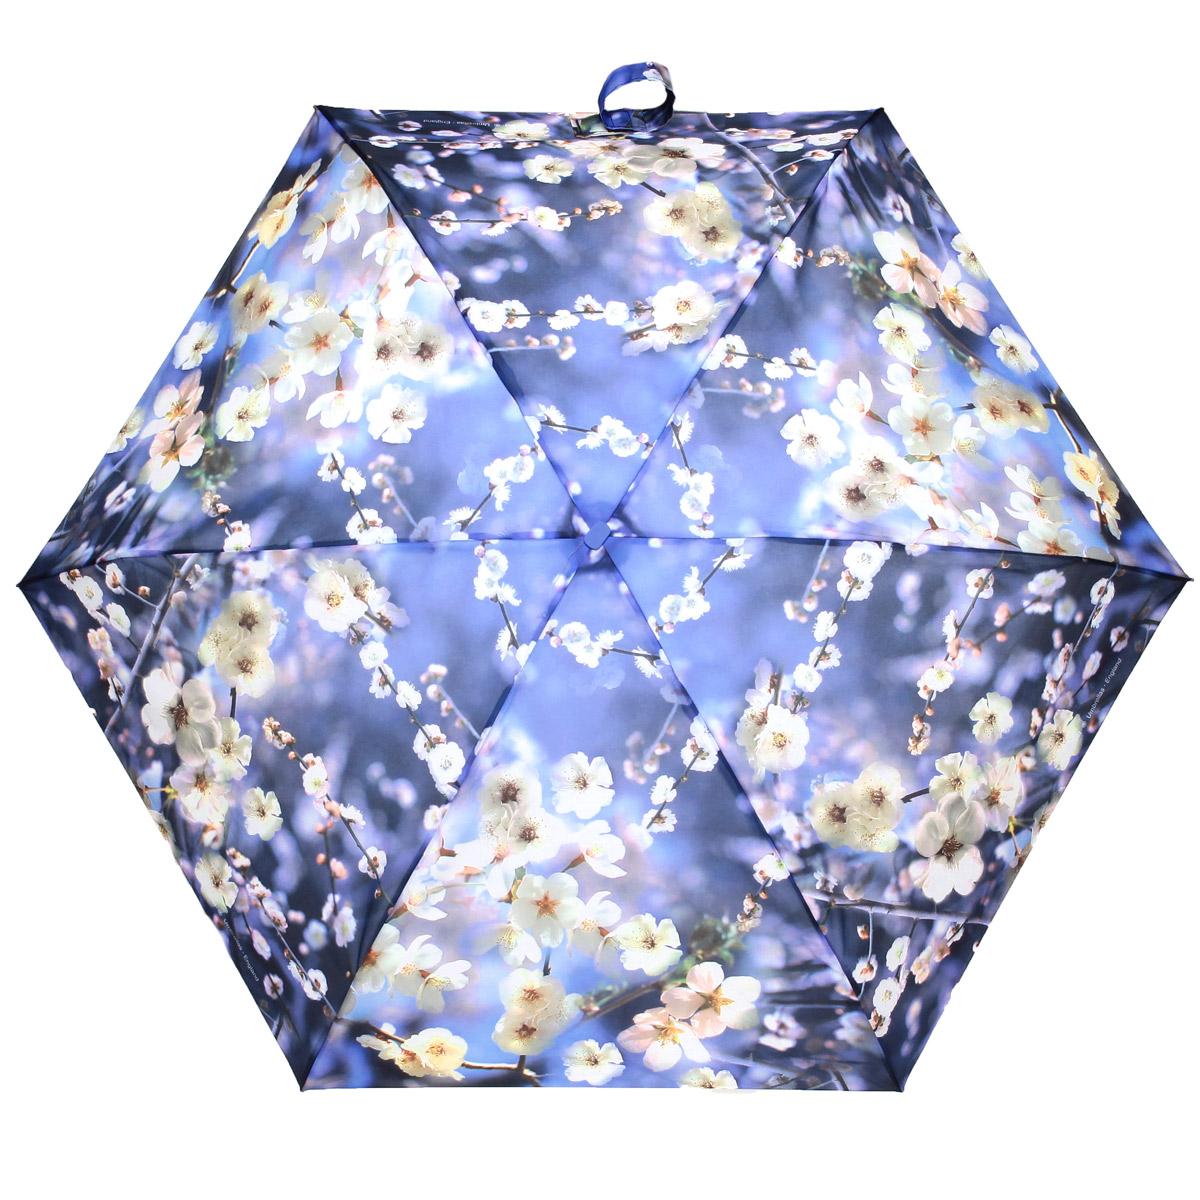 Зонт женский Zest, механический, 5 сложений, цвет: голубой. 25515-117325515-1173Женский механический зонт Zest в 5 сложений даже в ненастную погоду позволит вам оставаться стильной и элегантной. Каркас зонта состоит из 6 спиц из фибергласса и прочного алюминиевого стержня. Специальная система Антиветер защищает его от поломок во время сильных порывов ветра. Купол зонта выполнен из прочного полиэстера с водоотталкивающей пропиткой и оформлен красочным изображением. Рукоятка, разработанная с учетом требований эргономики, выполнена из пластика. Компактные размеры зонта позволяют без труда разместить его в сумочке. Зонт механического сложения: купол открывается и закрывается вручную до характерного щелчка. На рукоятке для удобства есть небольшой шнурок, позволяющий надеть зонт на руку тогда, когда это будет необходимо. Закрытый купол фиксируется хлястиком на липучке. К зонту прилагается чехол.